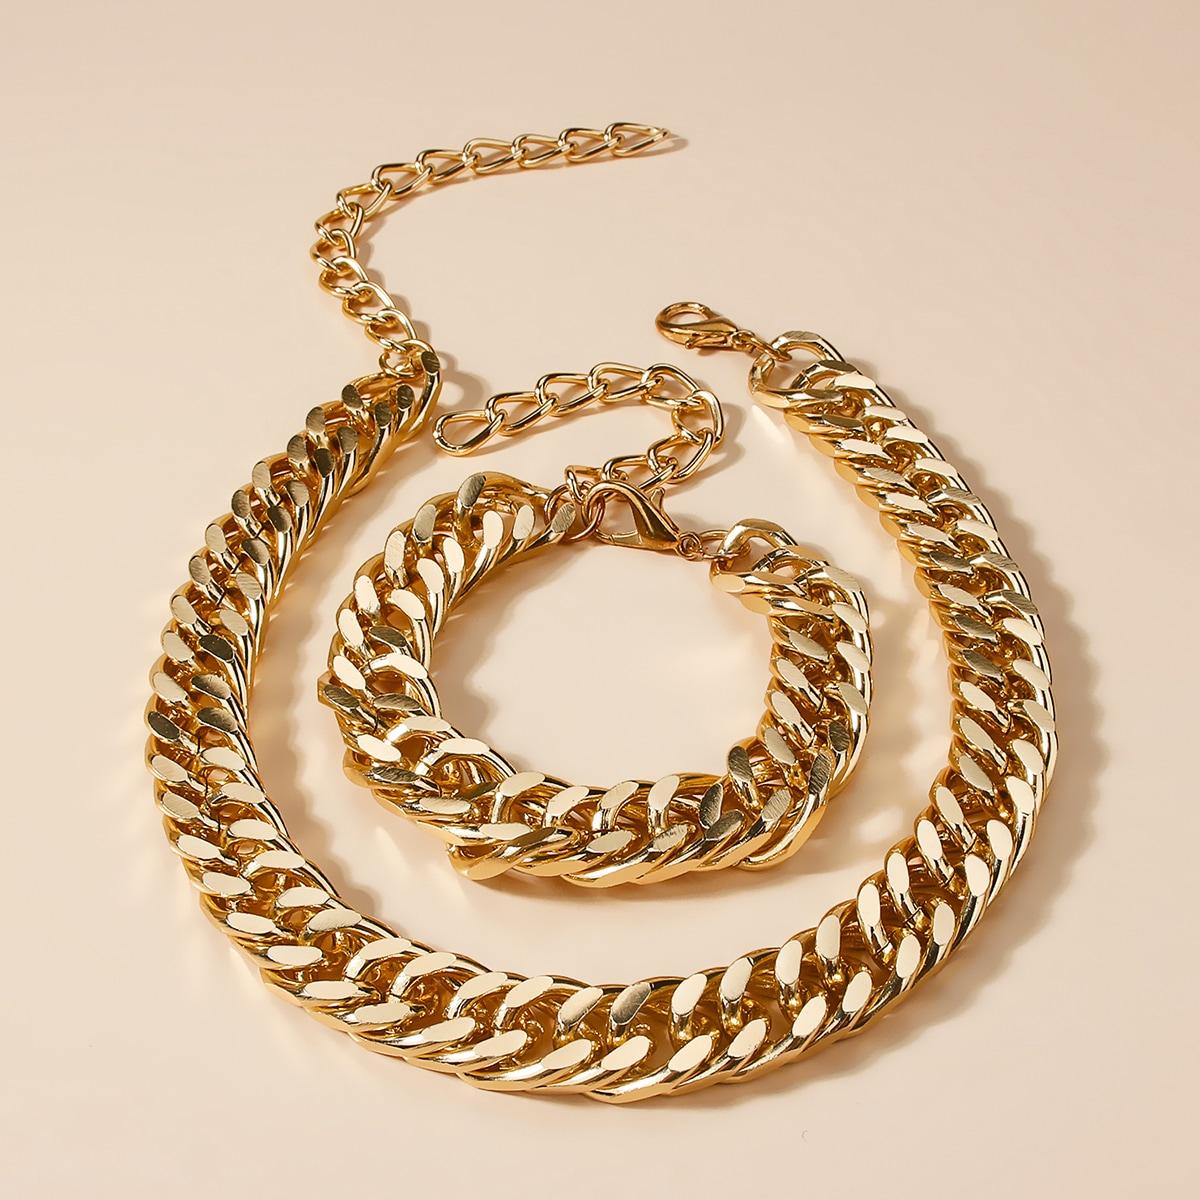 2 Stücke Armband mit metallischer Kette & Halskette